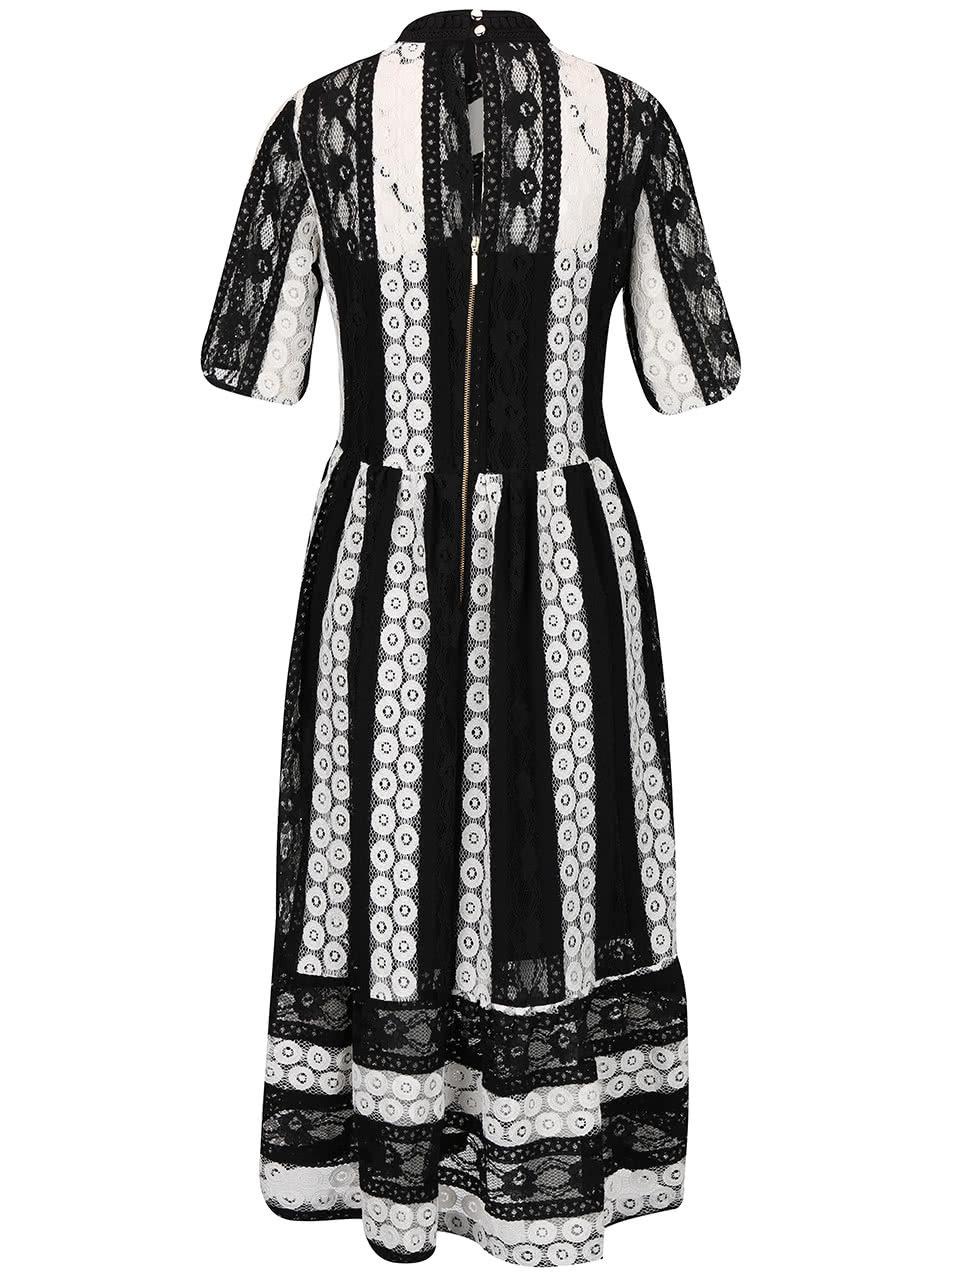 Bielo-čierne čipkované šaty so stojatým golierom Closet ... 2ec169b8fff